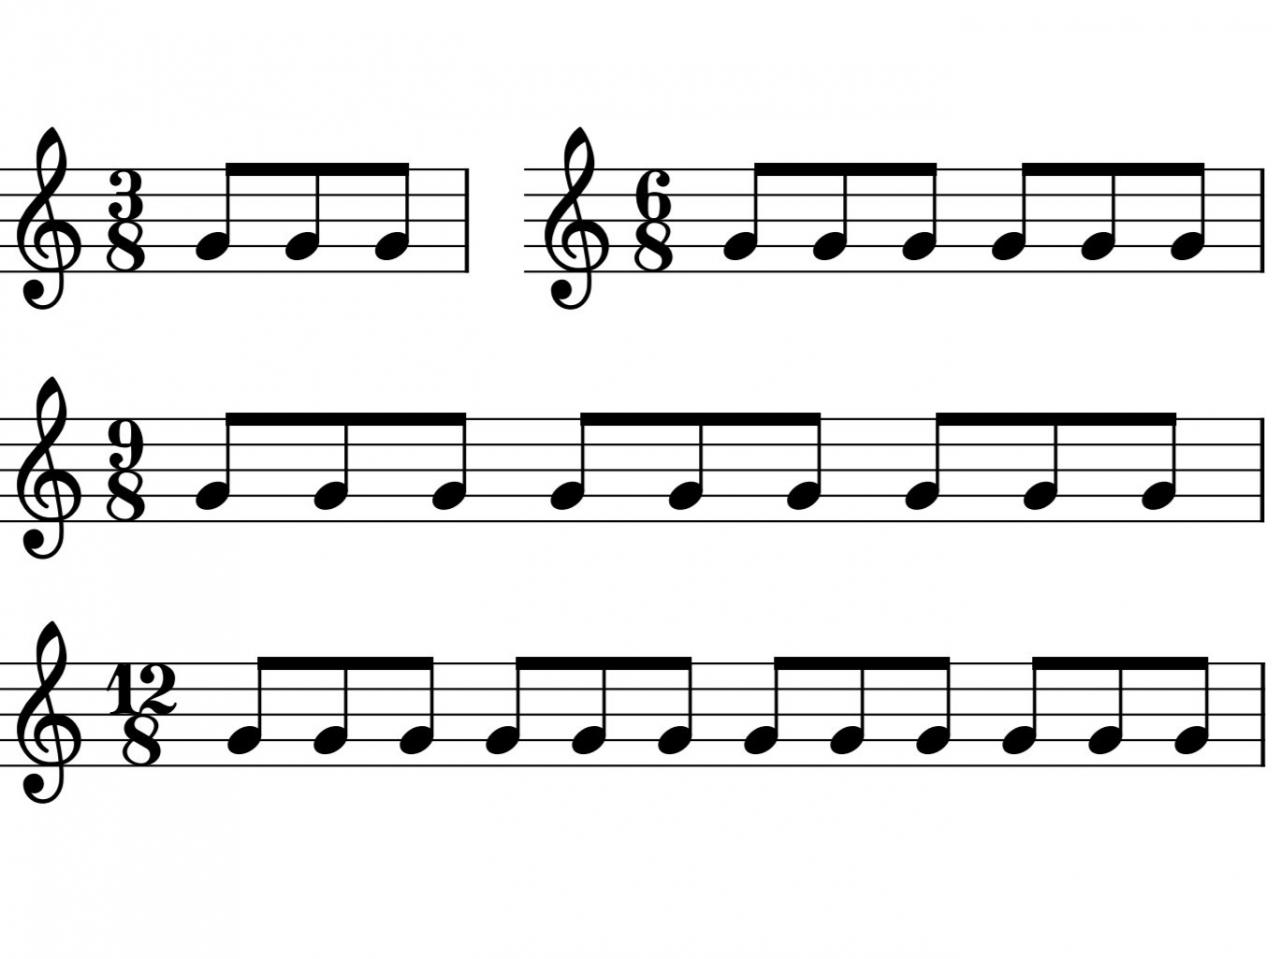 割り切れる8分の〇拍子の楽譜